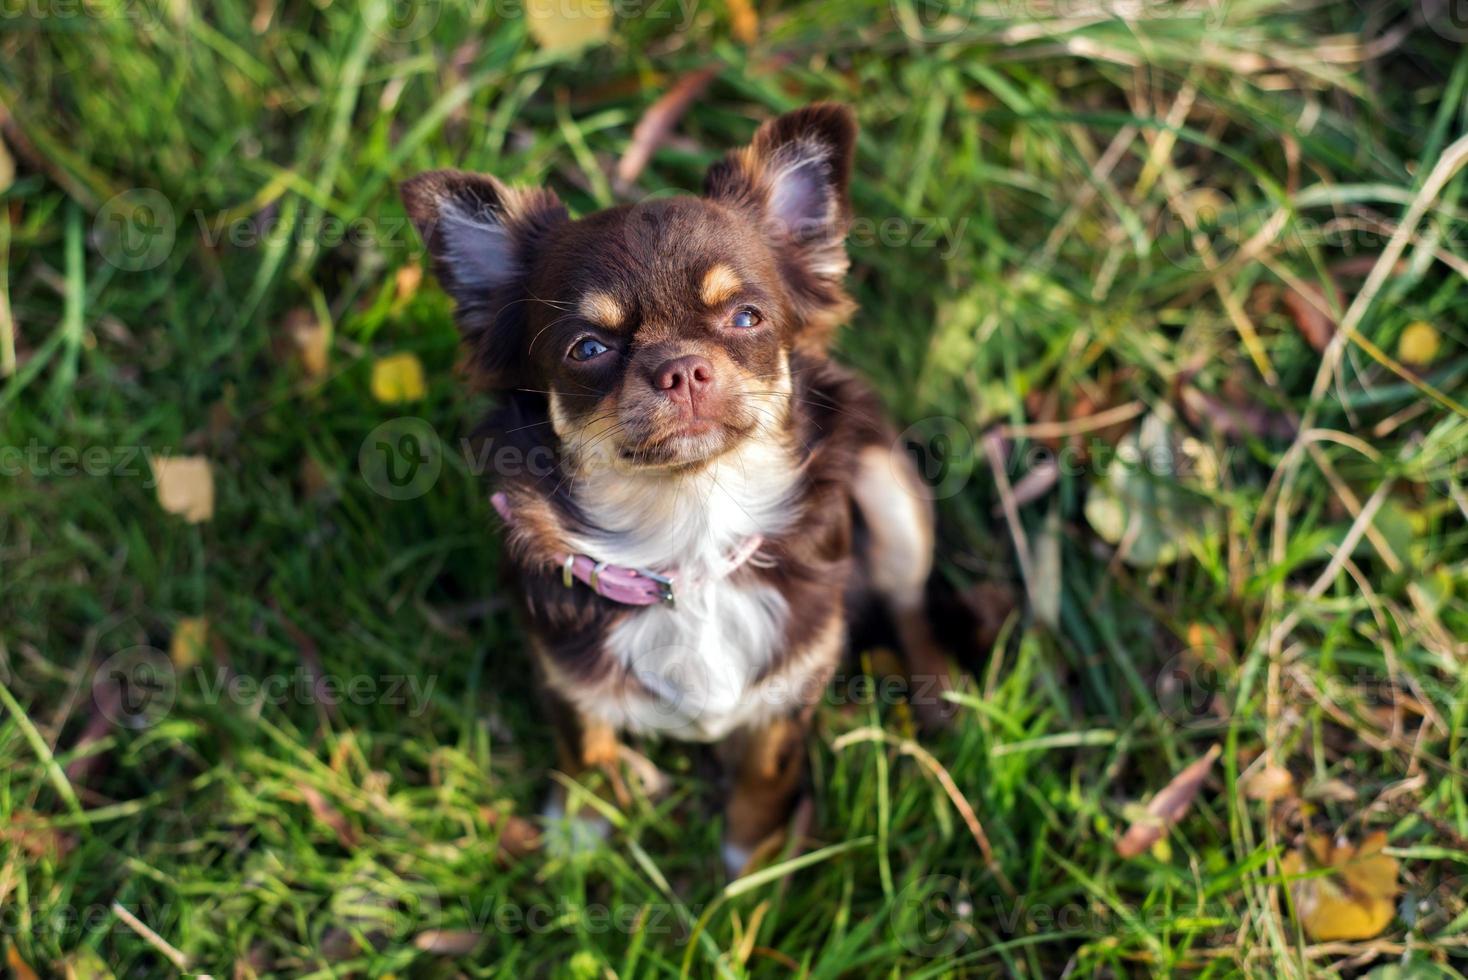 chihuahua puppy opzoeken foto